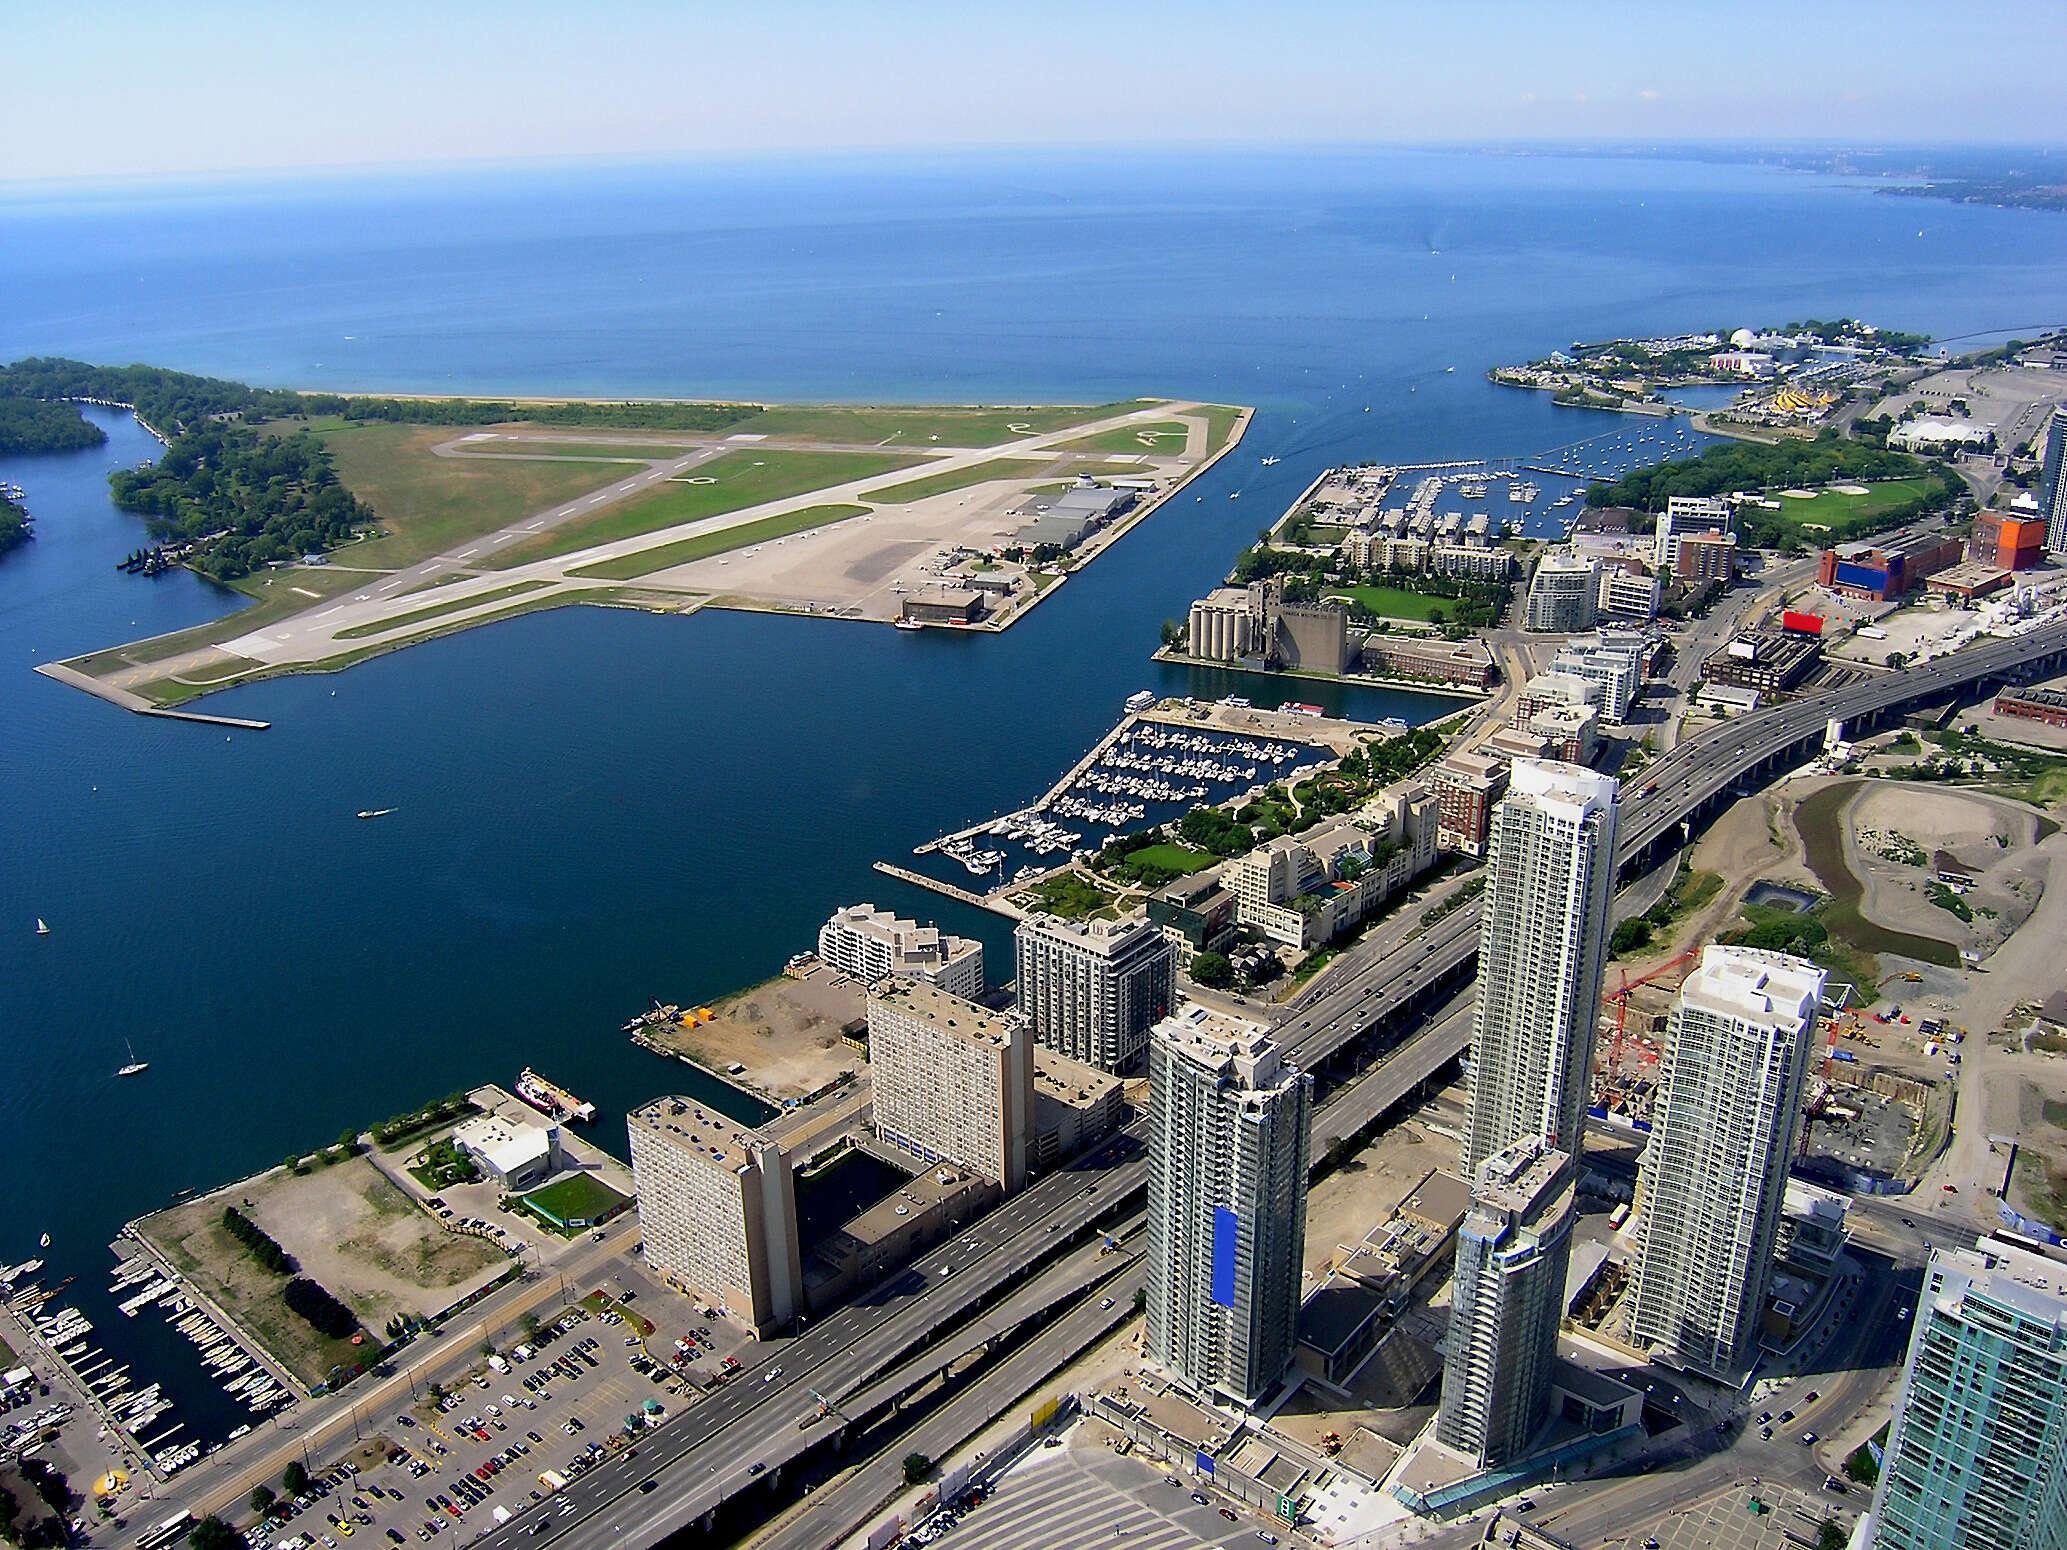 Toronto's Billy Bishop Airport Best